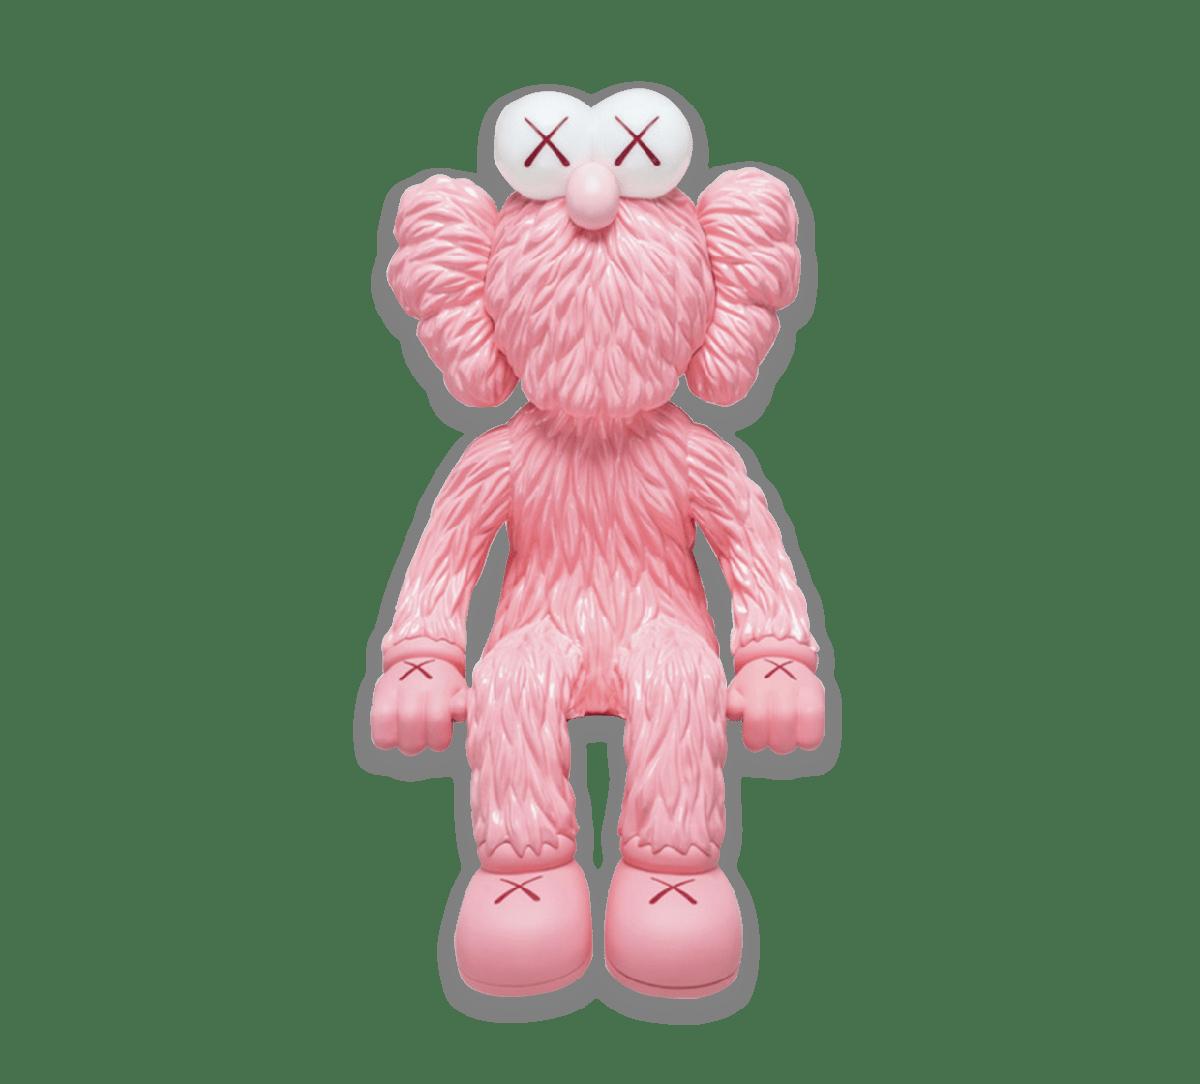 KAWS - Seeing Pink Image